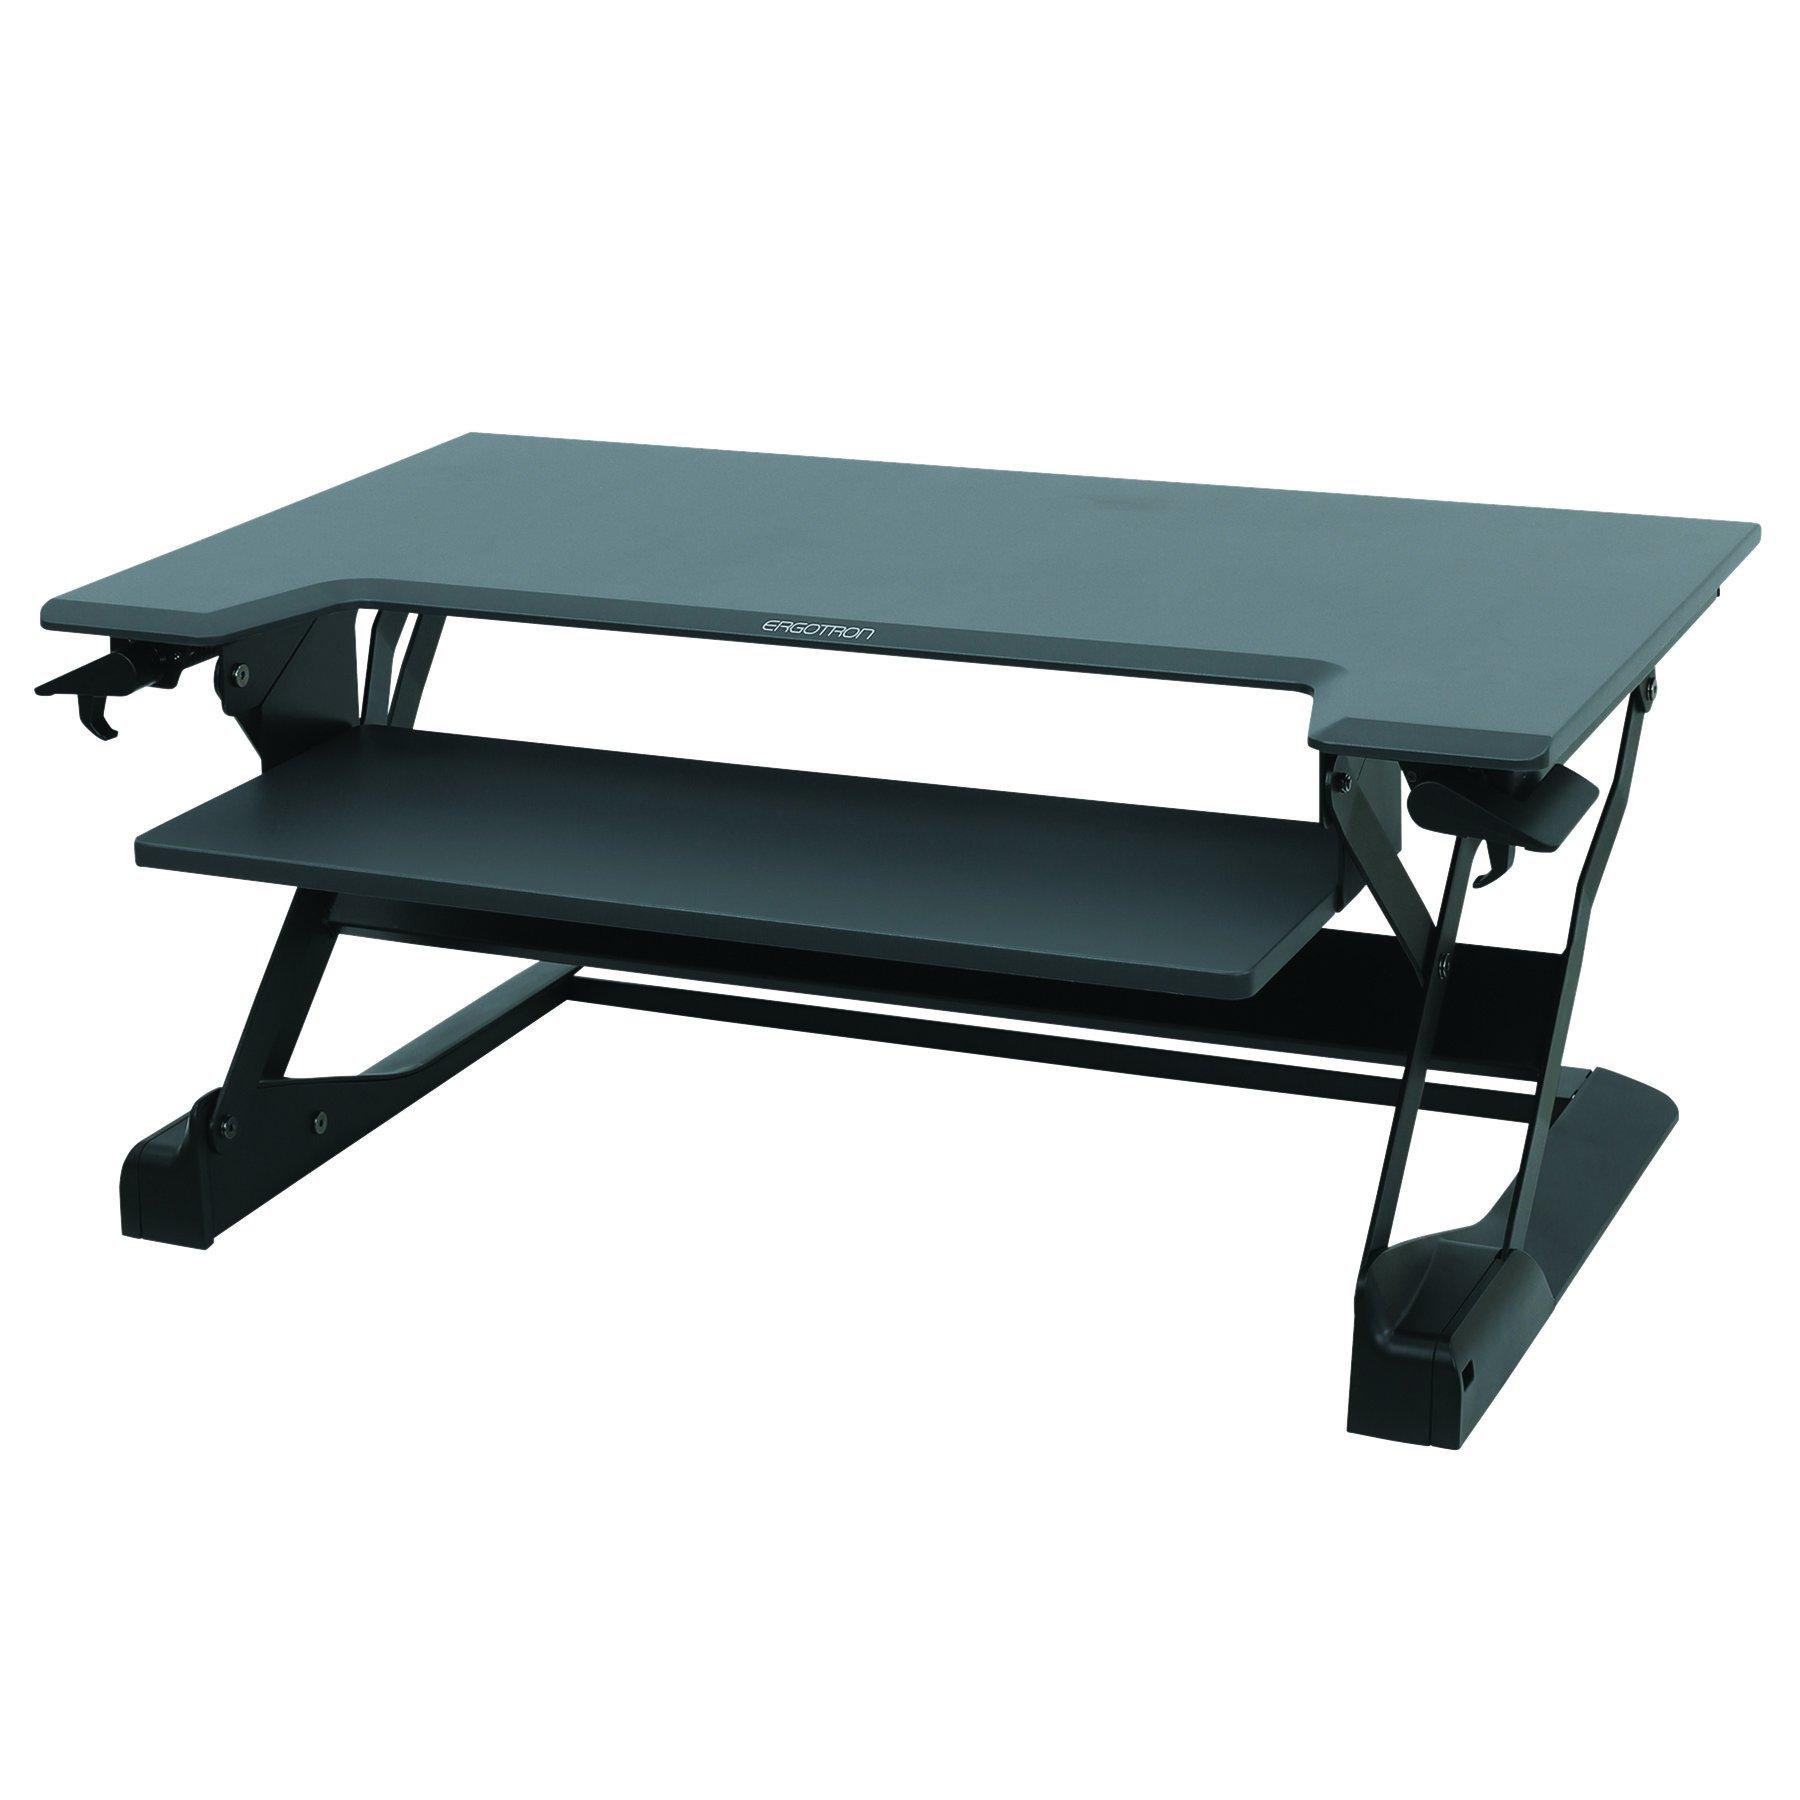 Ergotron WorkFit-TL, Sit-Stand Desk Converter | Black, 37.5'' wide | For Tabletops